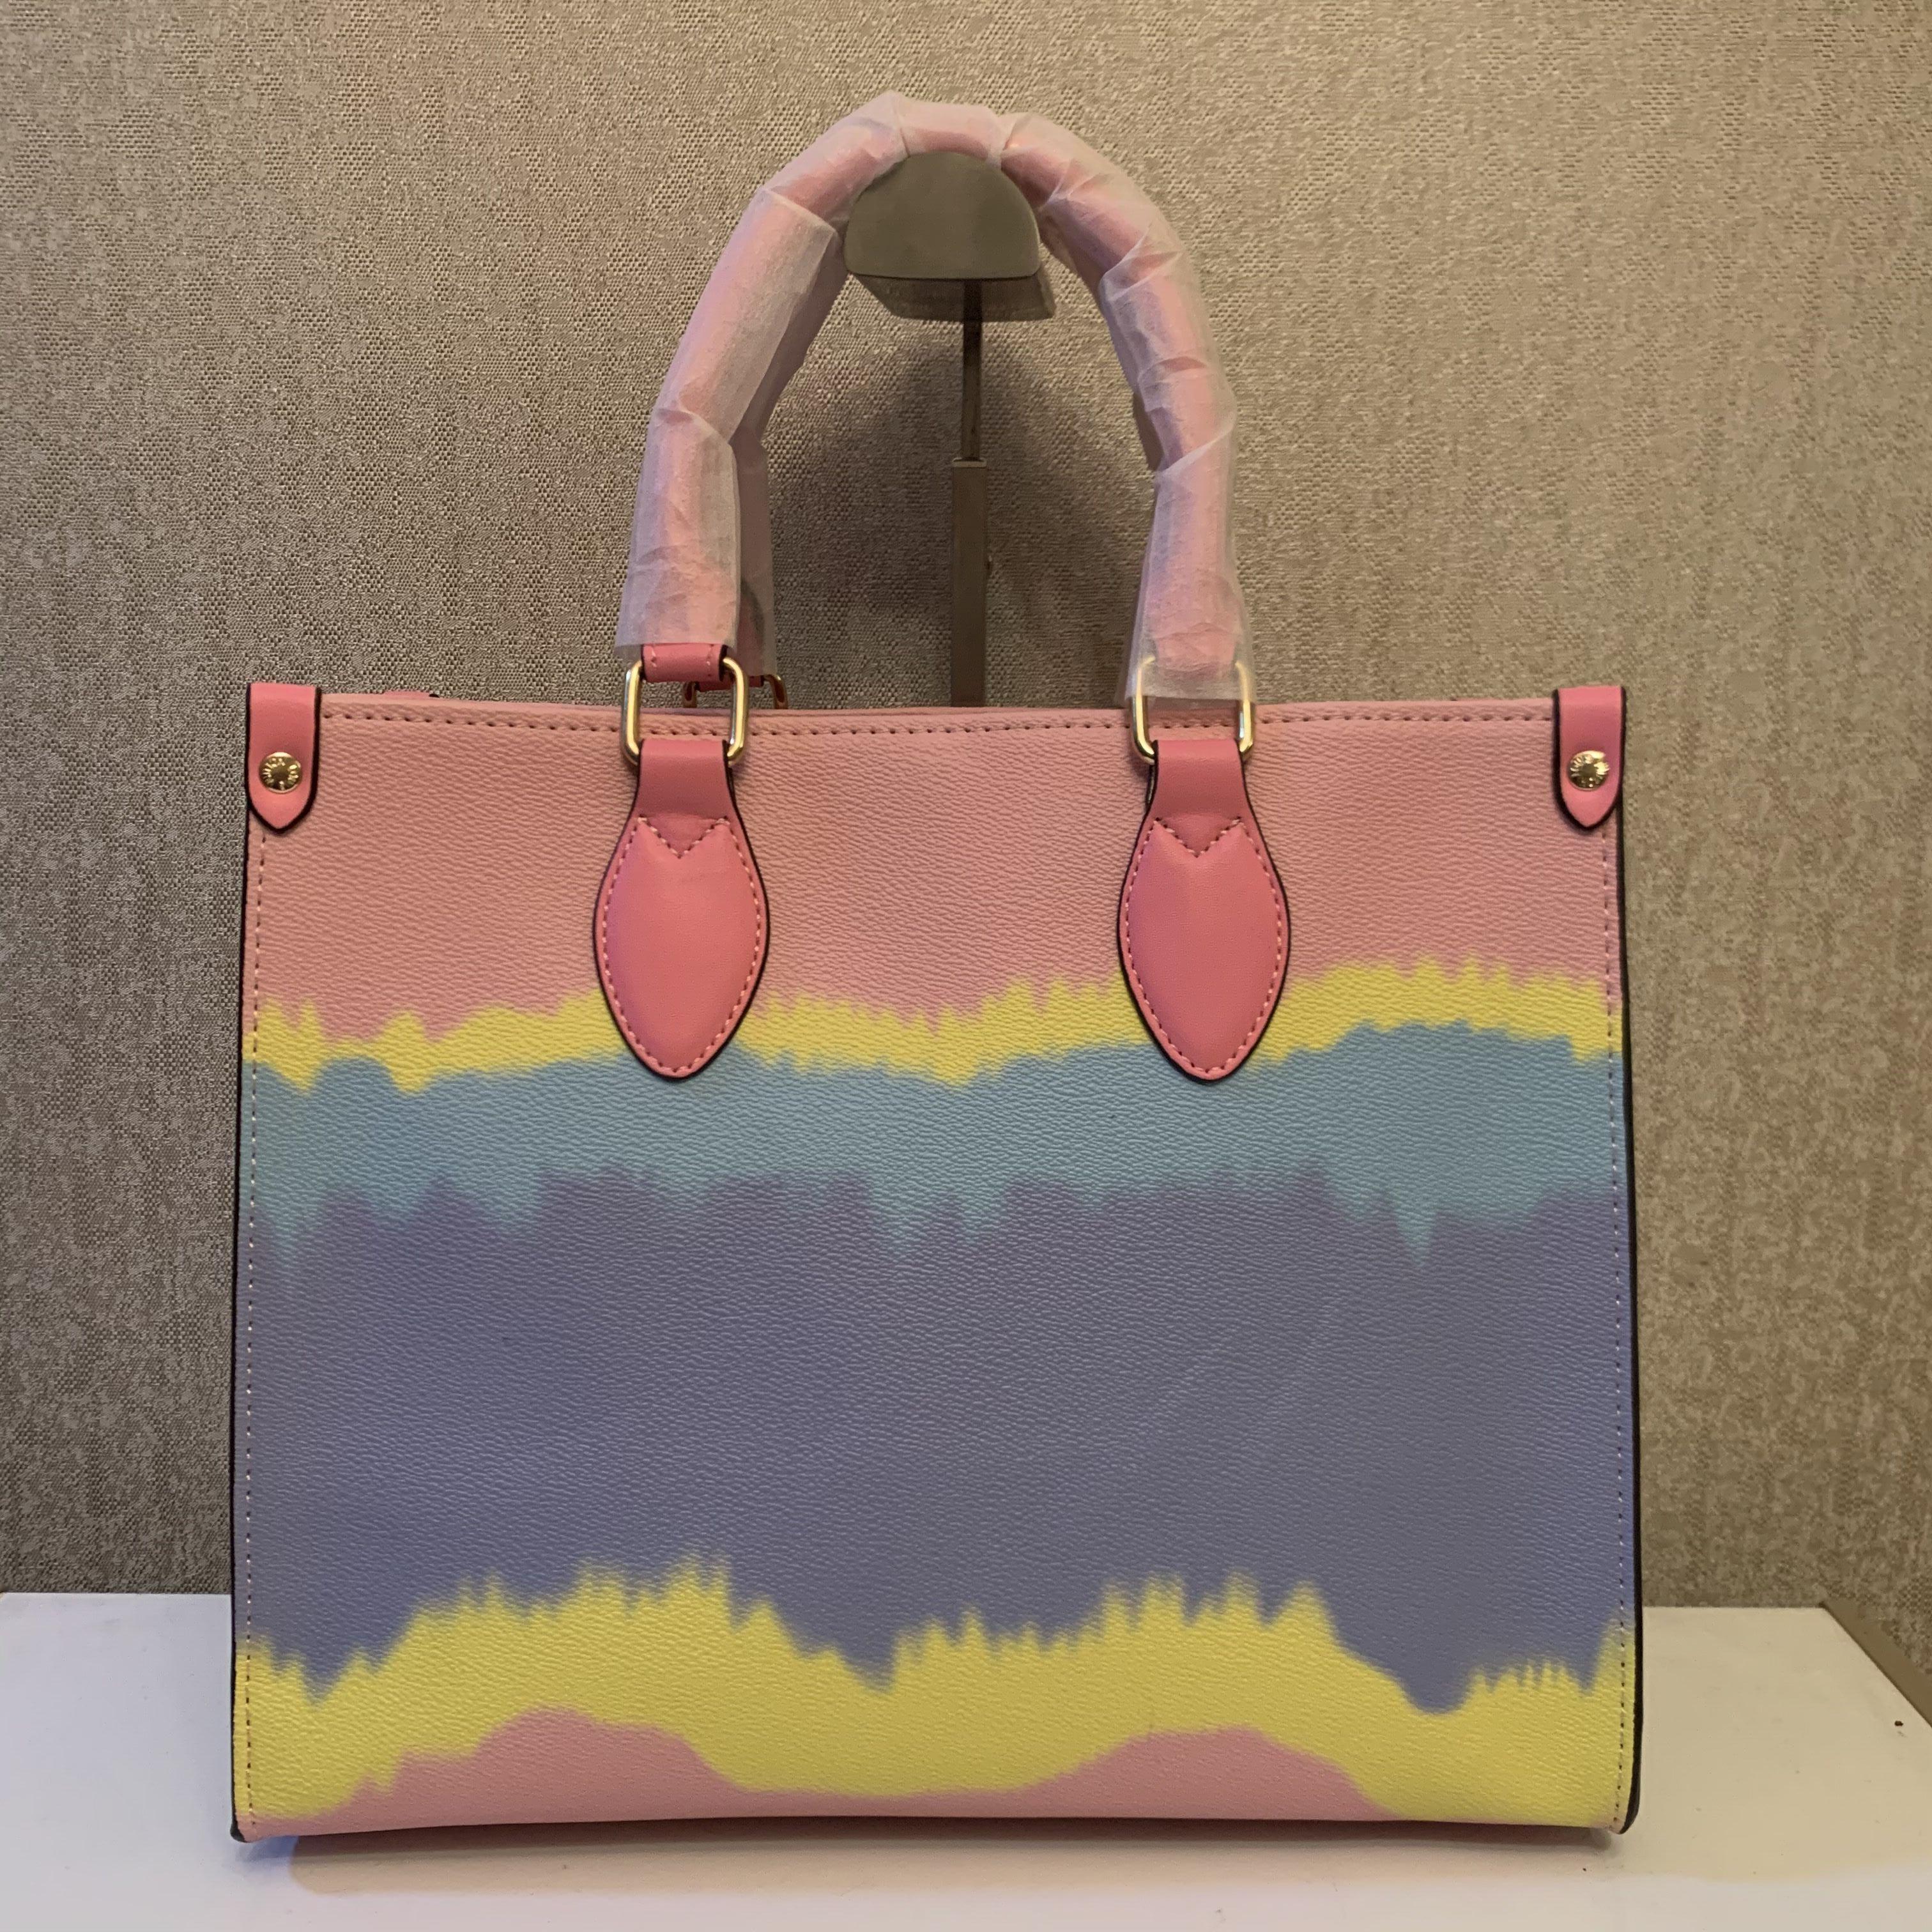 Designer Borsa Handbag Luxurys Borse di alta qualità Ladies Catena Borsa a tracolla in vernice Diamante Diamante Luxurys Borse da sera Borsa a croce BODING L8825